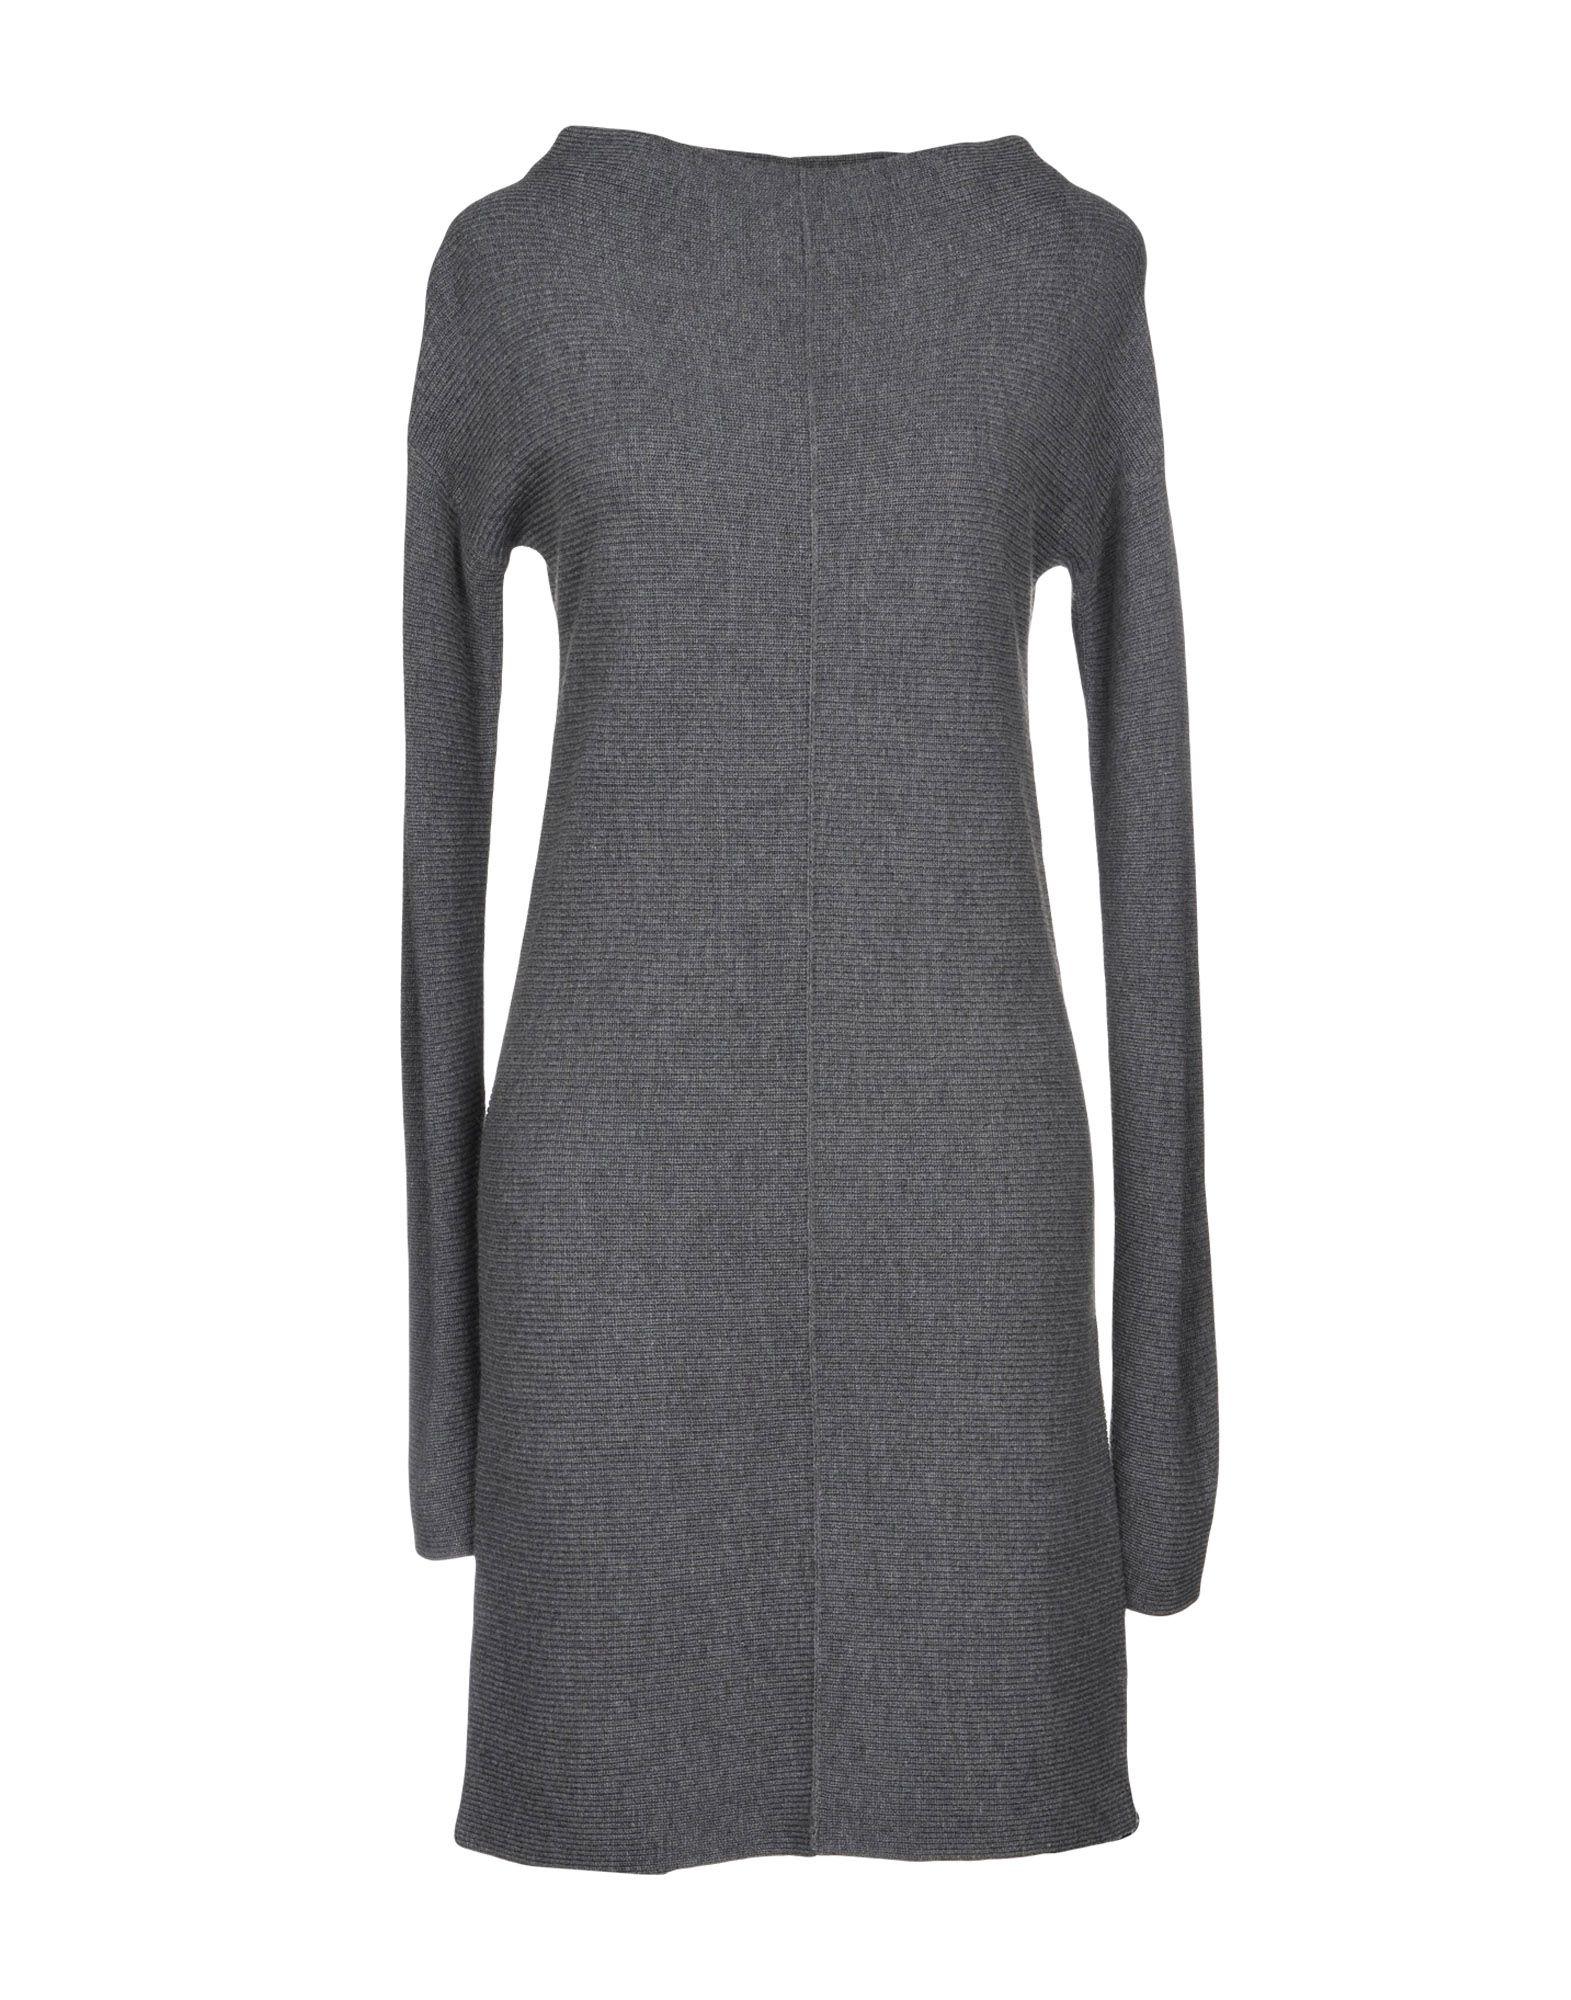 MARELLA Короткое платье marella платье марелла sede 0316 черный 44 чёрный